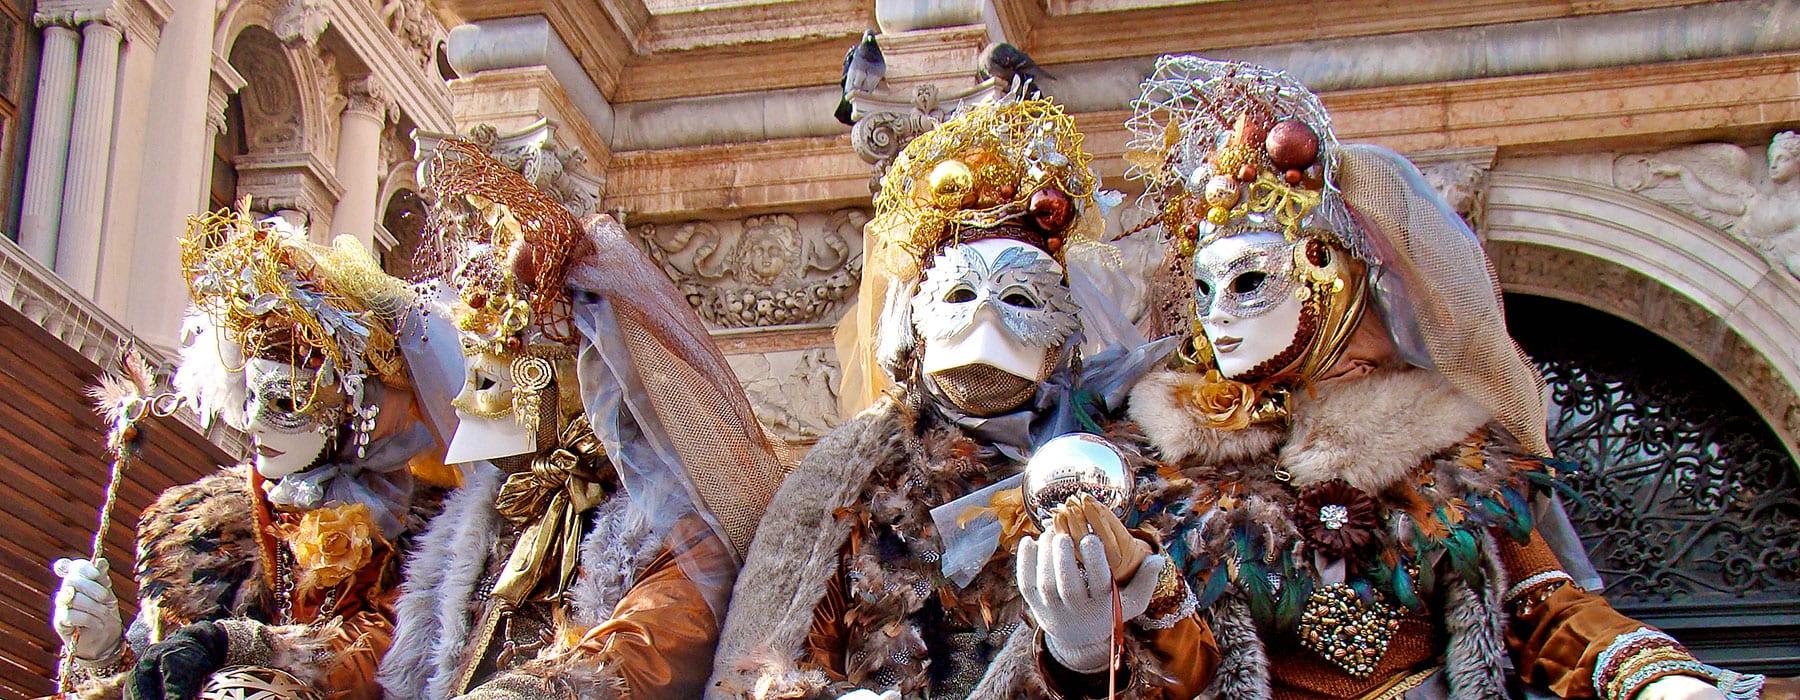 Karneval i Italien!